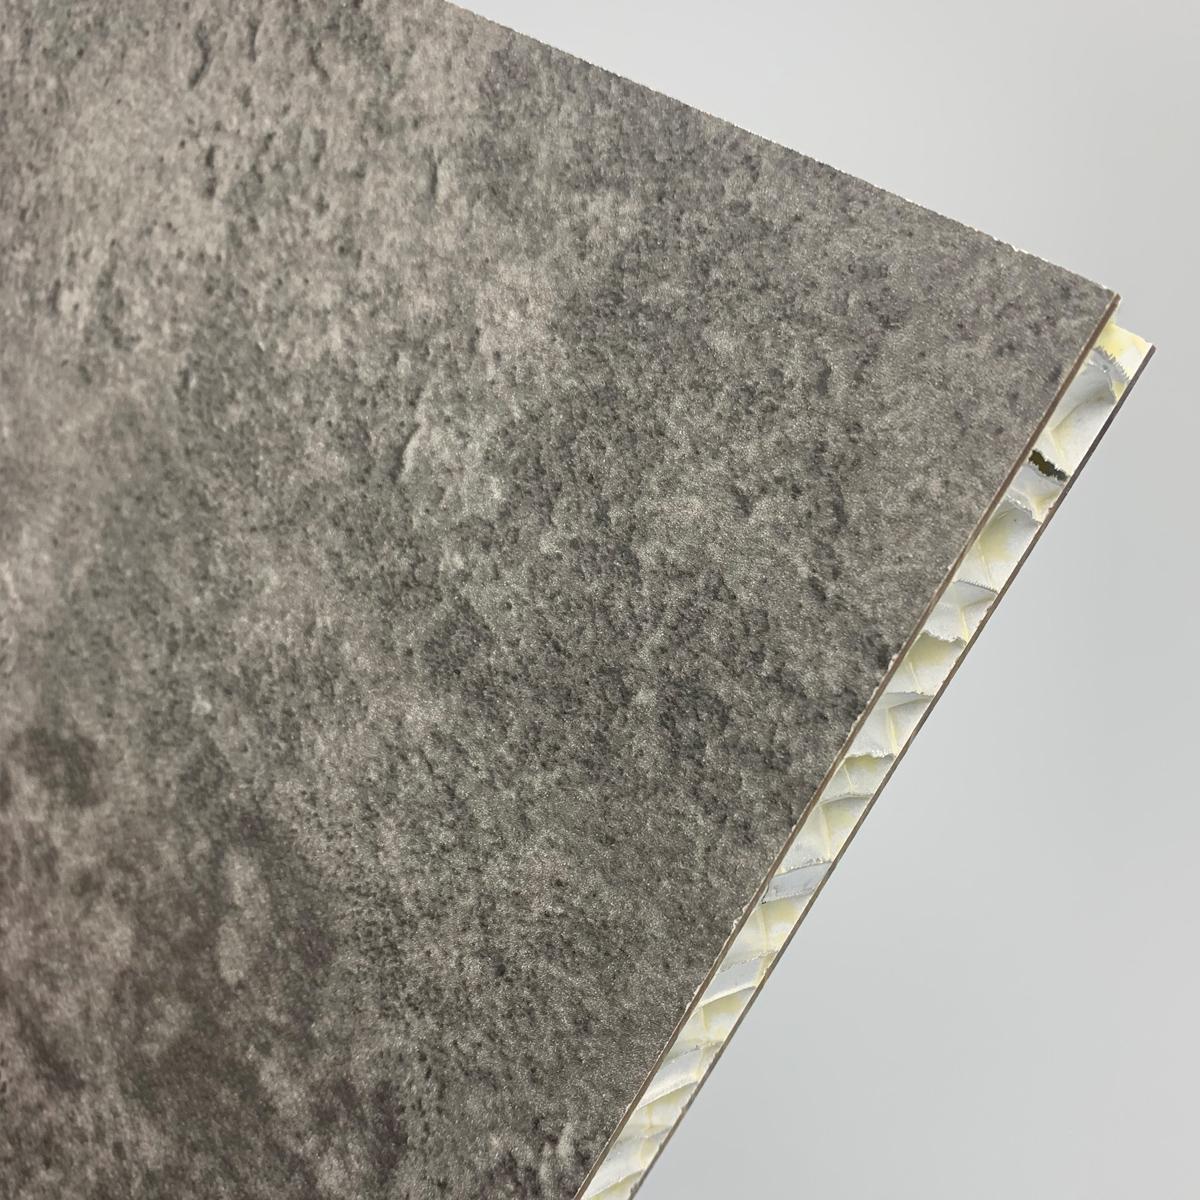 铝蜂窝板抗倍特板卫生间等隔断专用抗菌板—双面抗倍特板